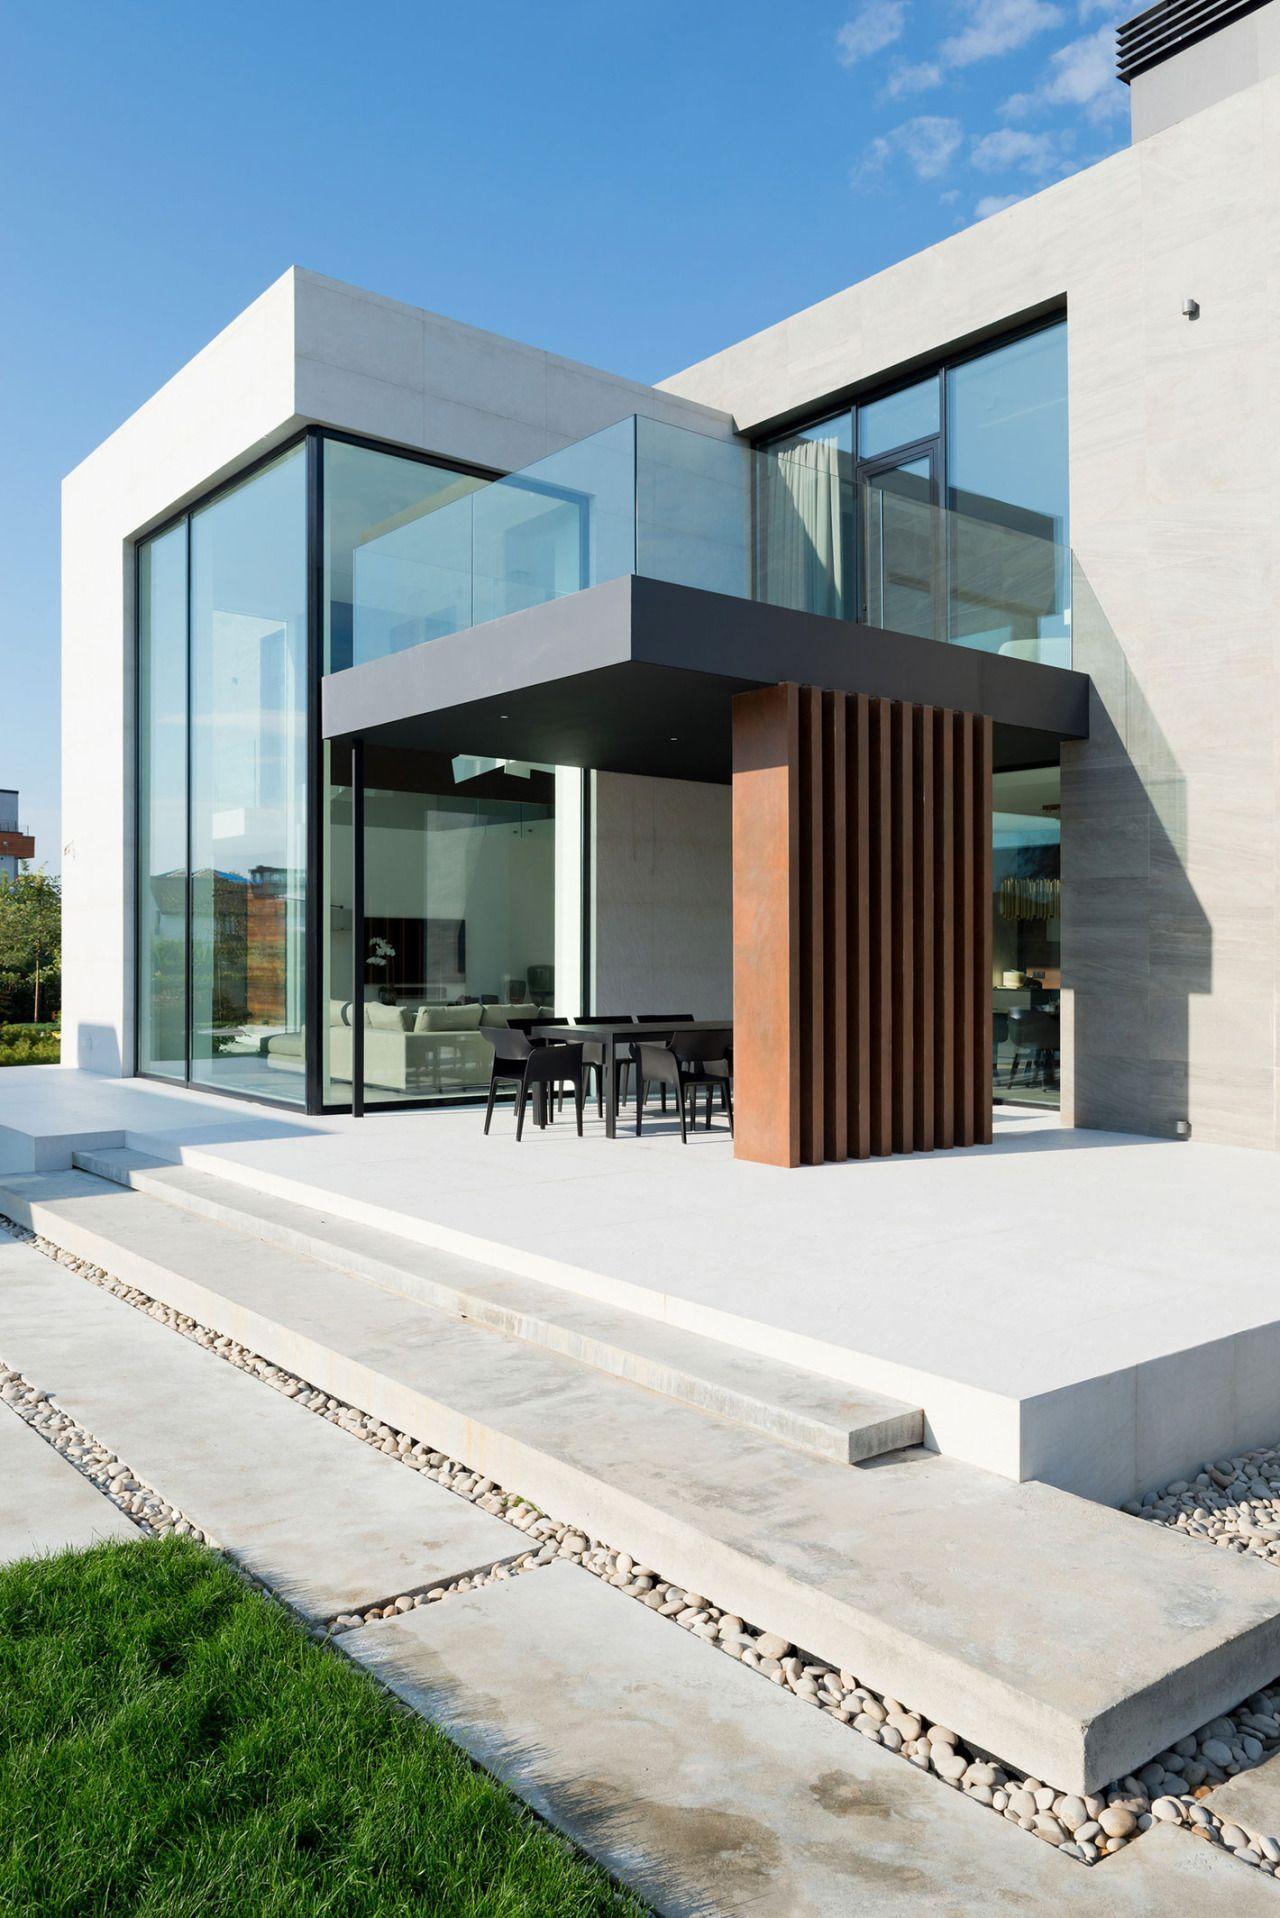 Wunderschön Moderne Häuser Innen Ideen Von Home Design